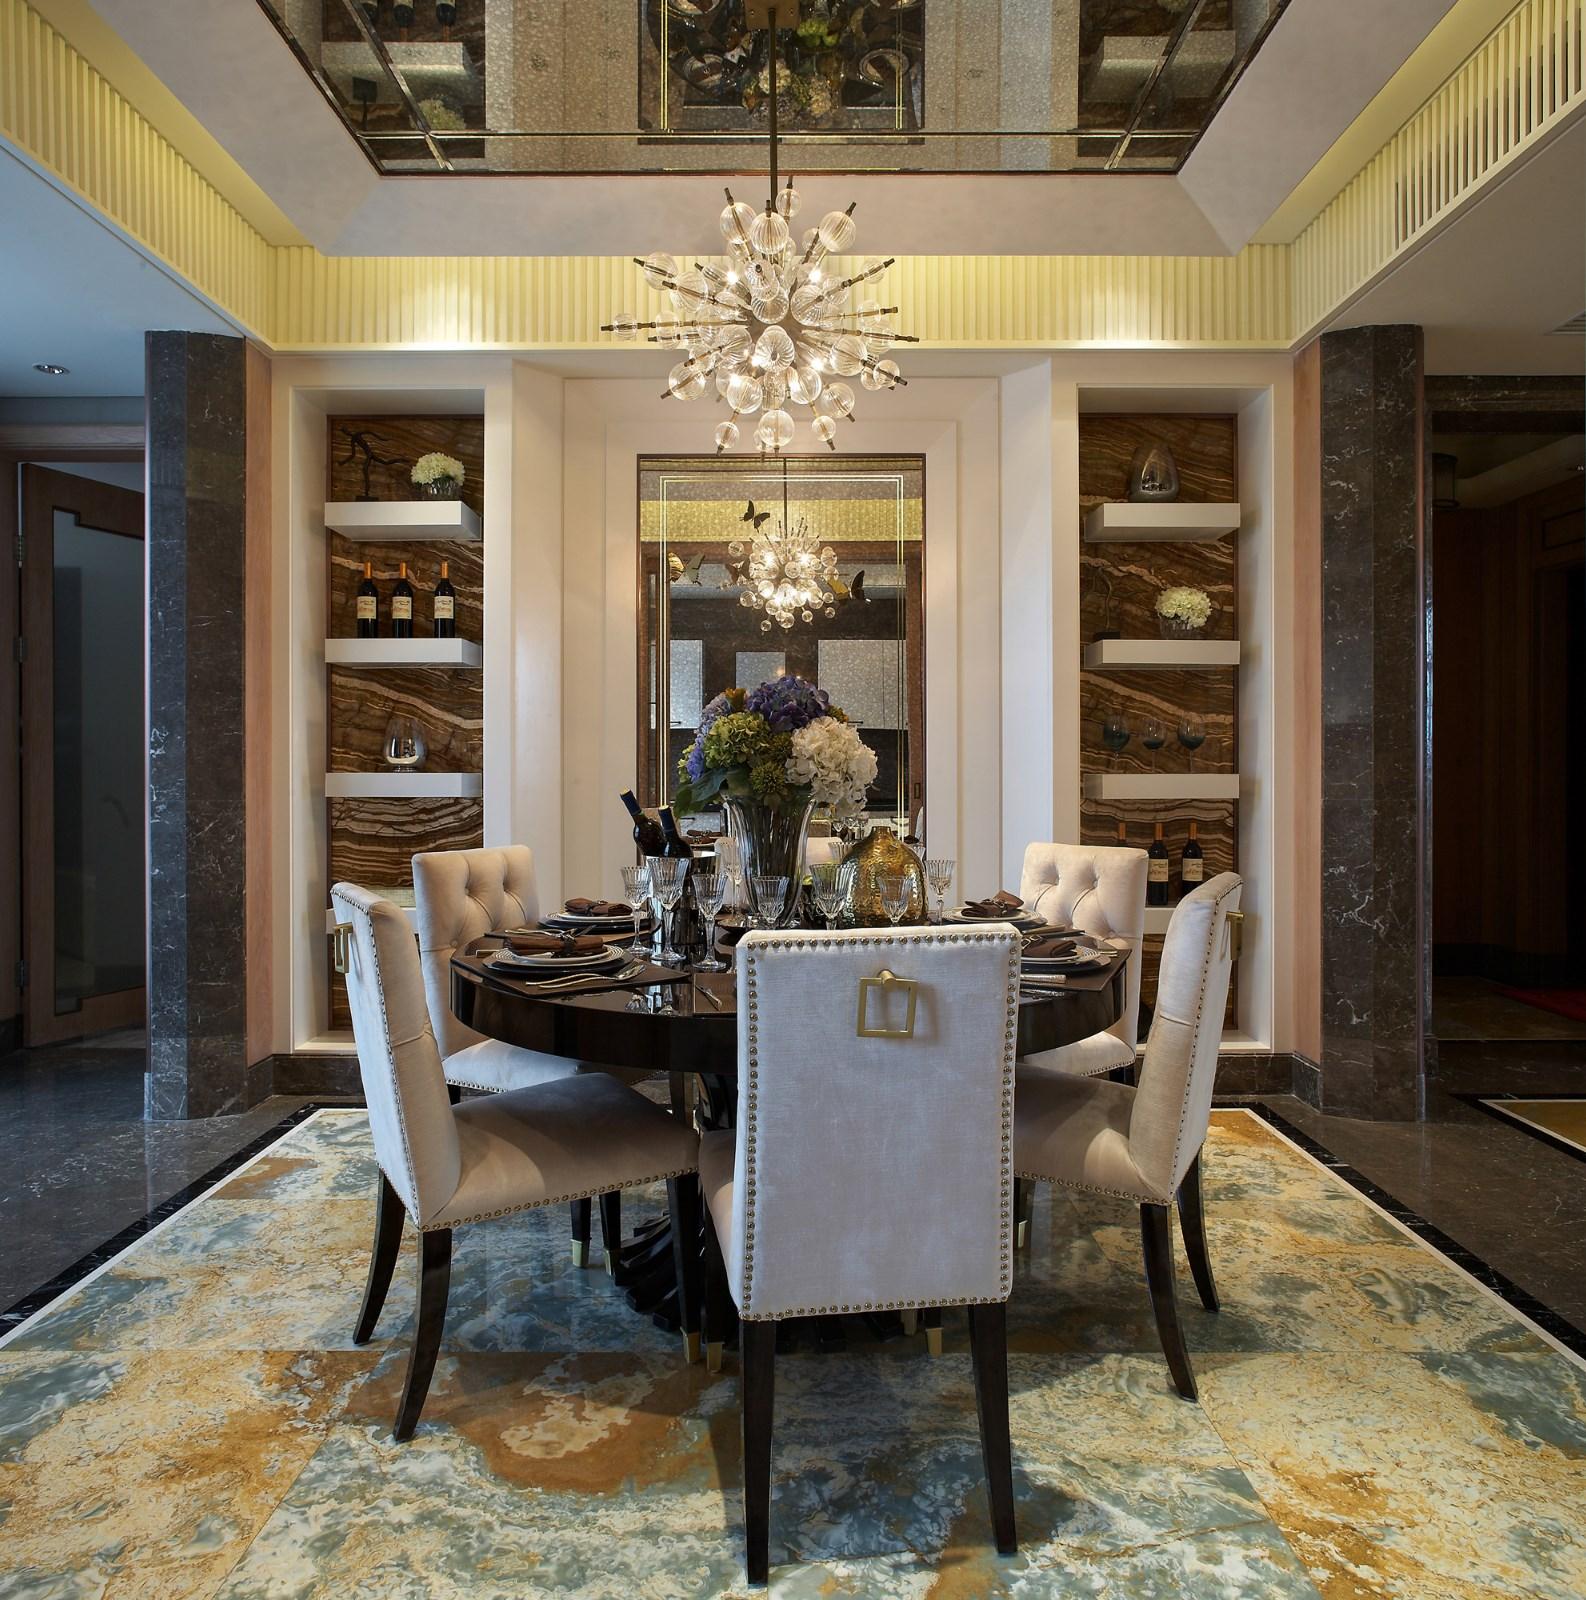 餐厅圆桌设计象征着家庭的团圆和睦,嵌入式餐边柜在节省空间的同时增加了收纳功能。